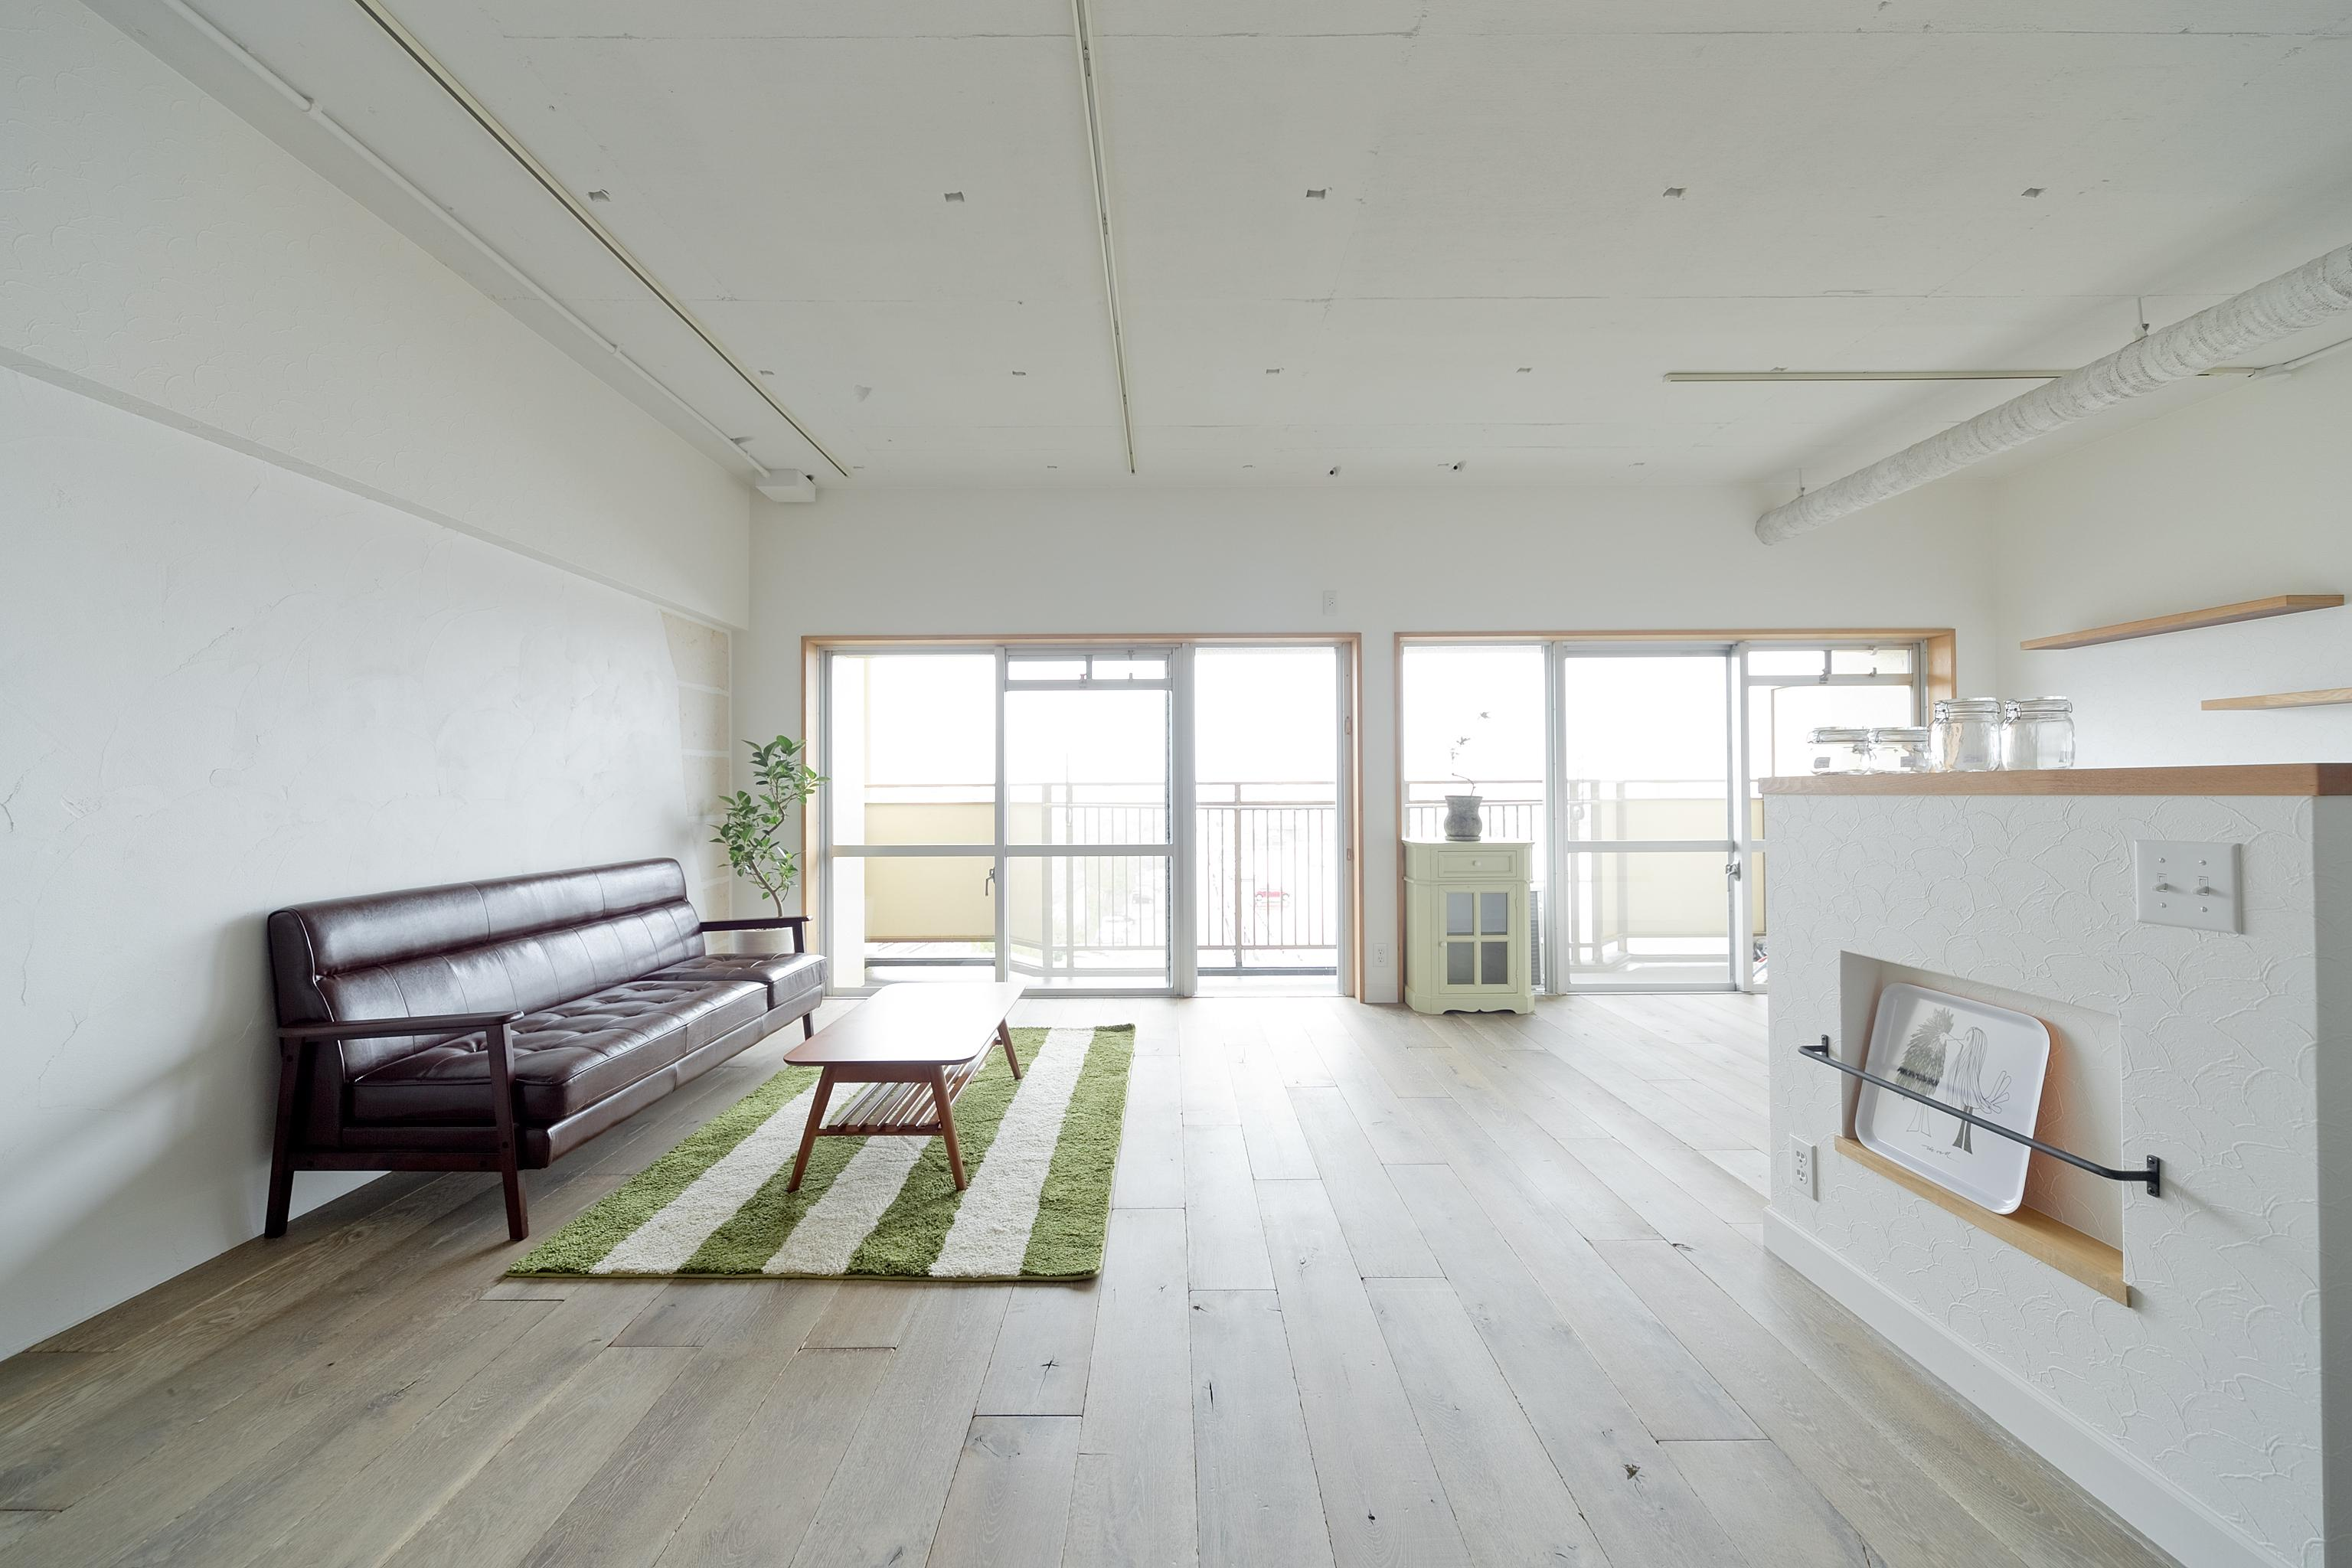 東加古川のリビング、キッチンリフォーム事例|ヴィンテージスタイルの住まいの部屋 3LDKだった間取りを1LDKの開放感がある空間に